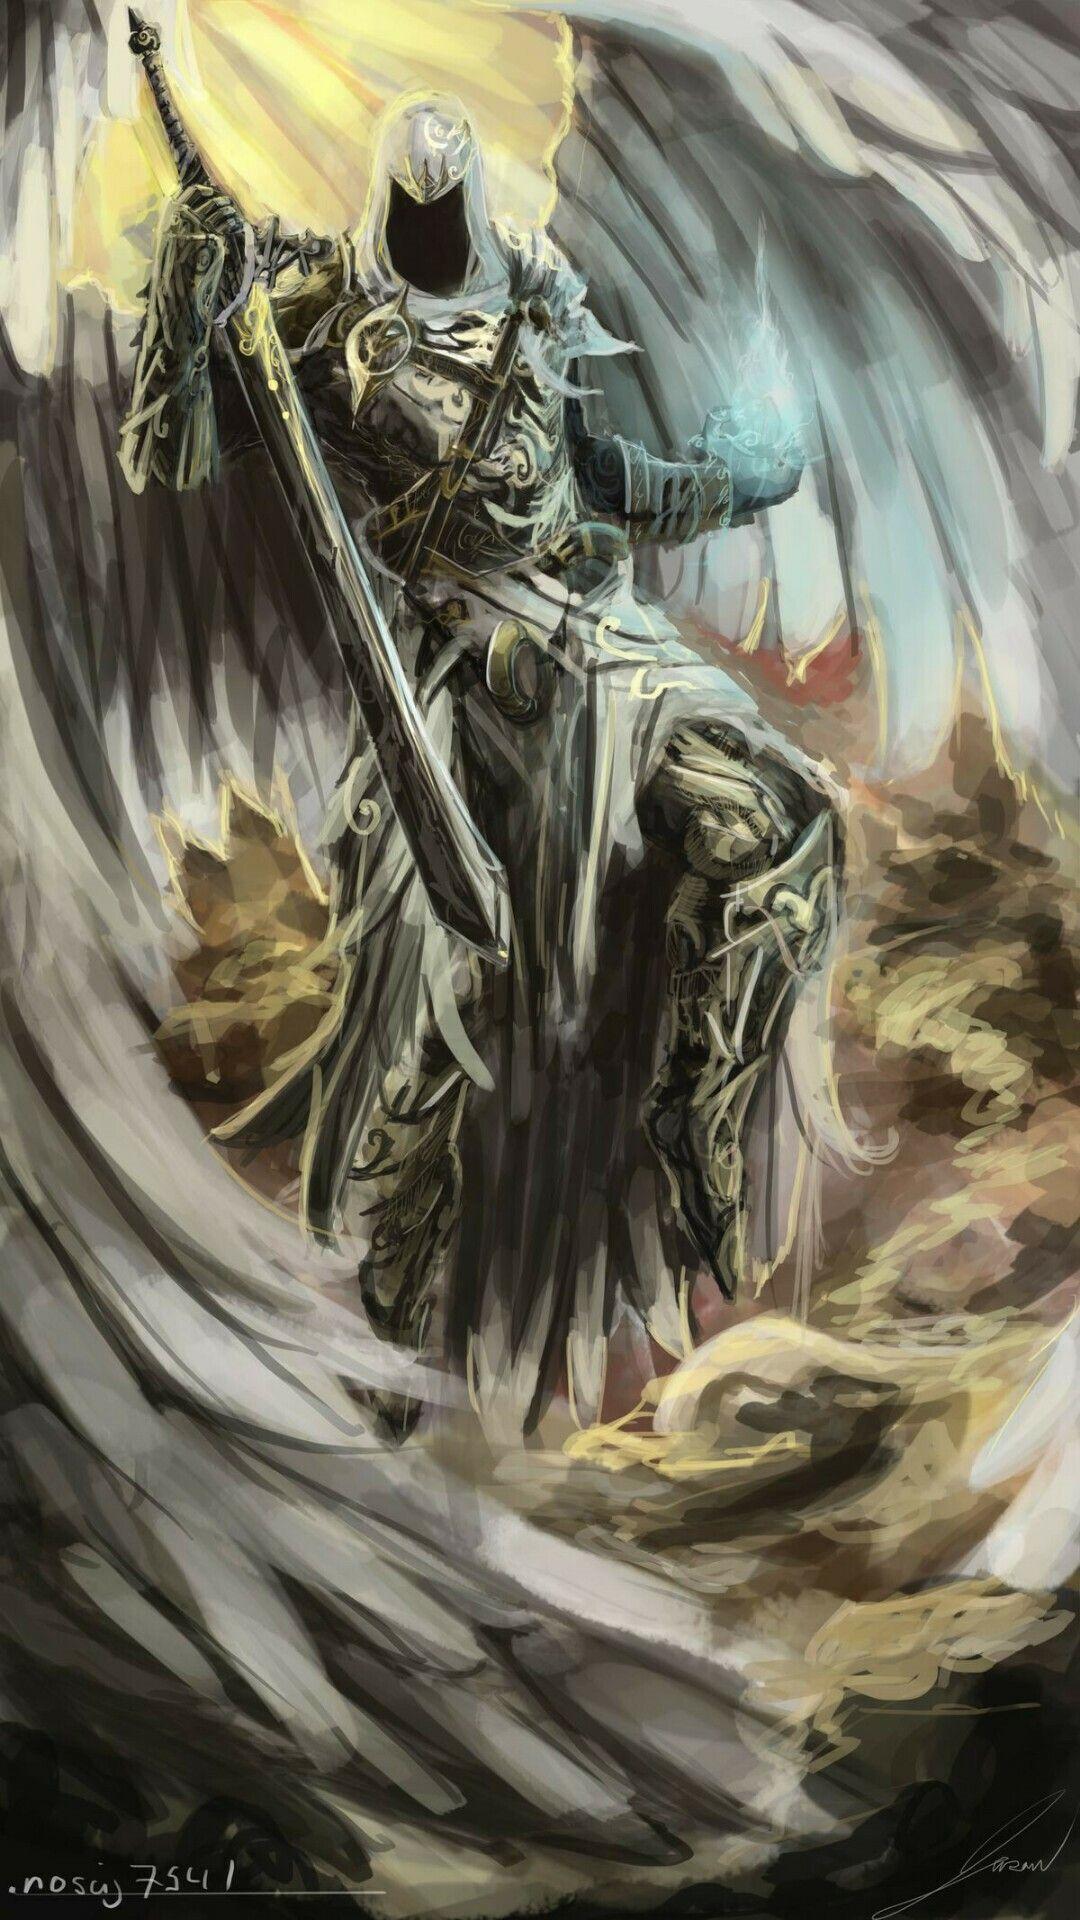 Judgement, Punishment, Damnation Rycerze, Anioy I Demony, Mitologiczne Ist